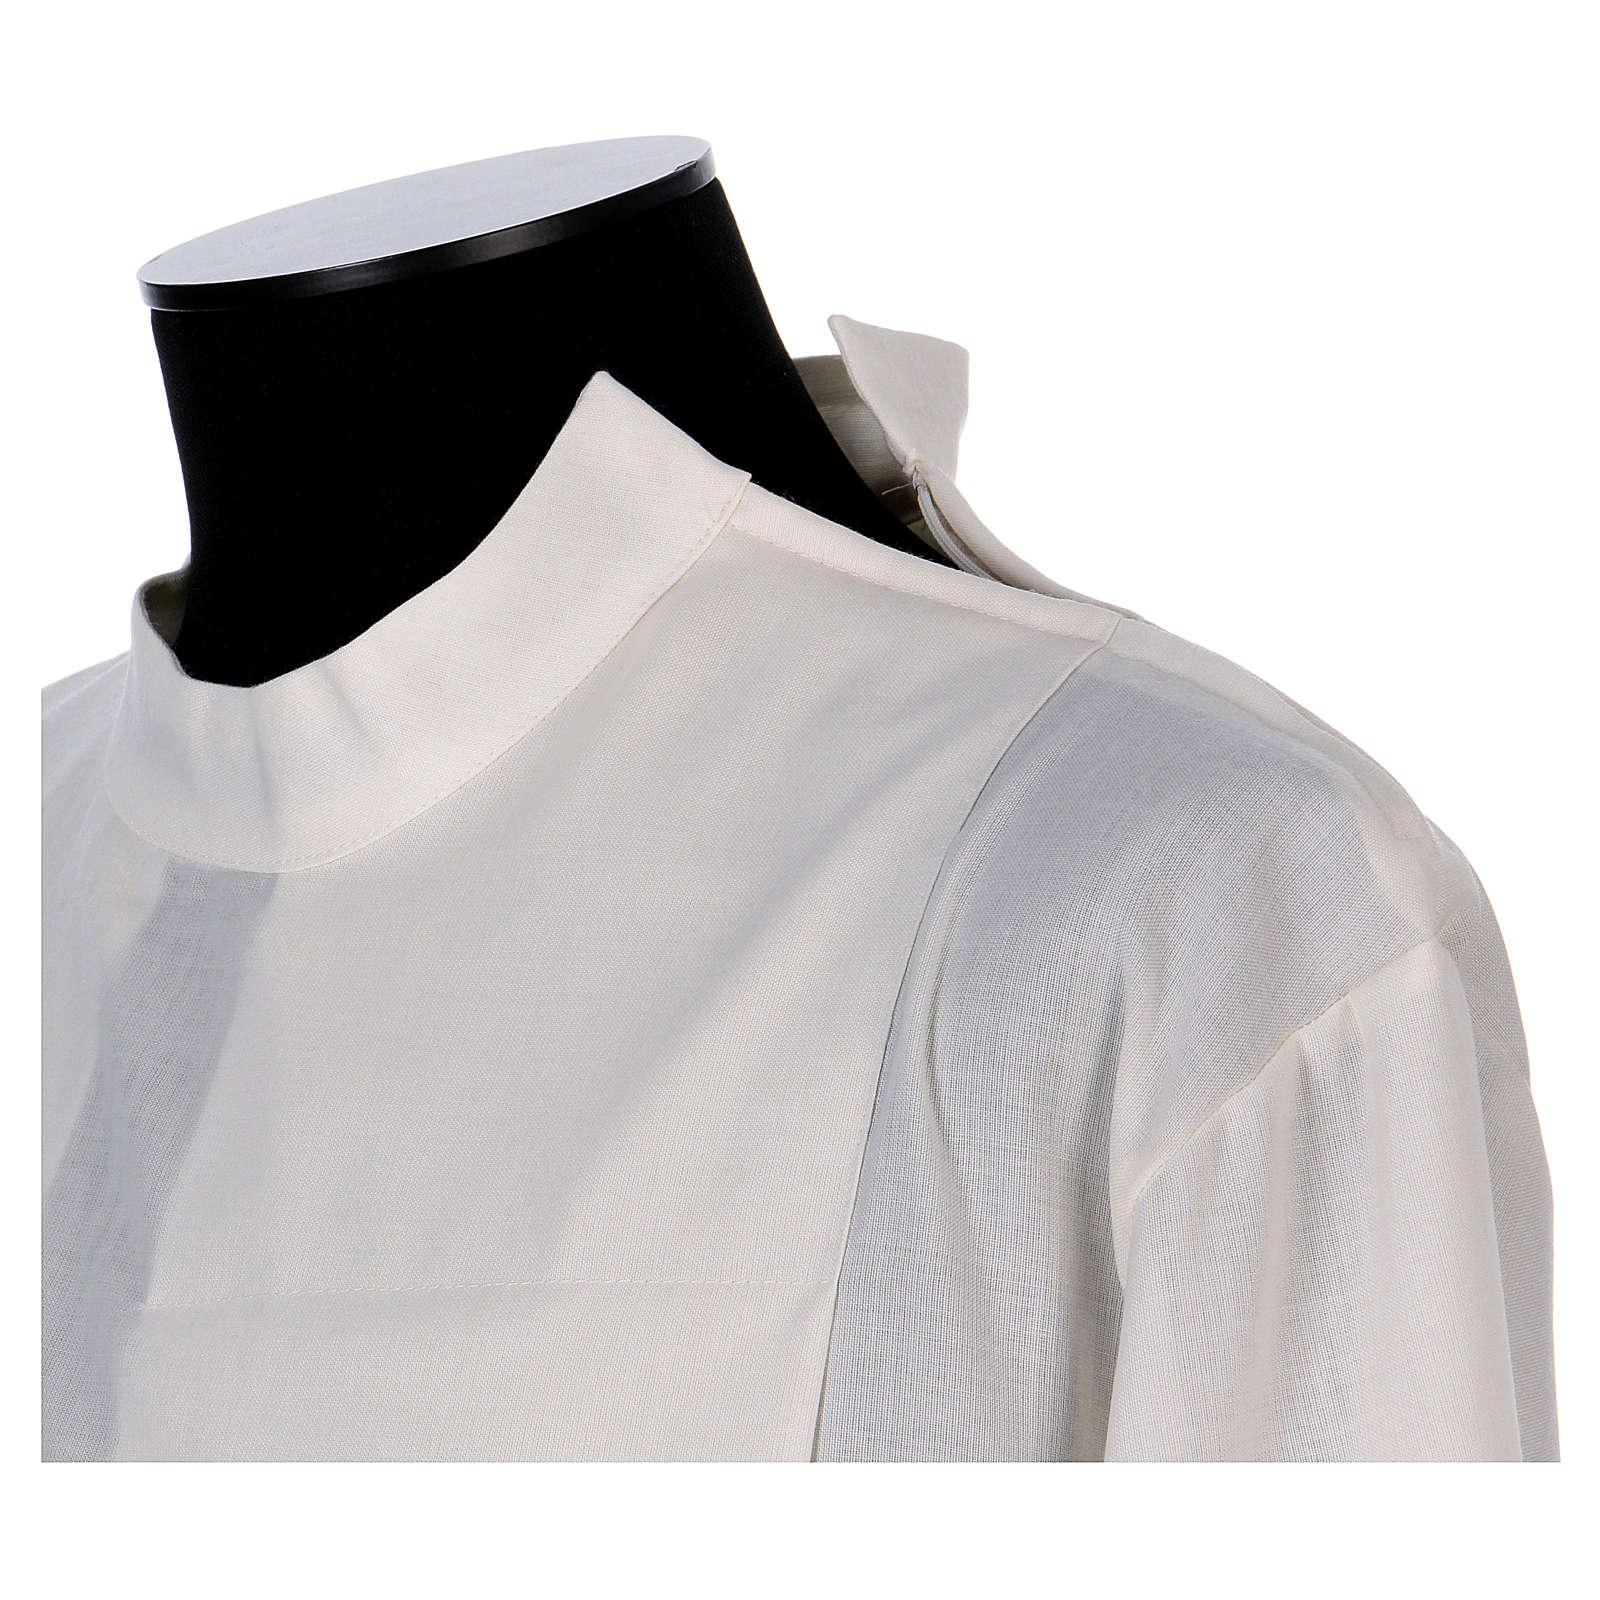 Camice avorio 55% poliestere 45% lana con doppio ritorto stoffa 4